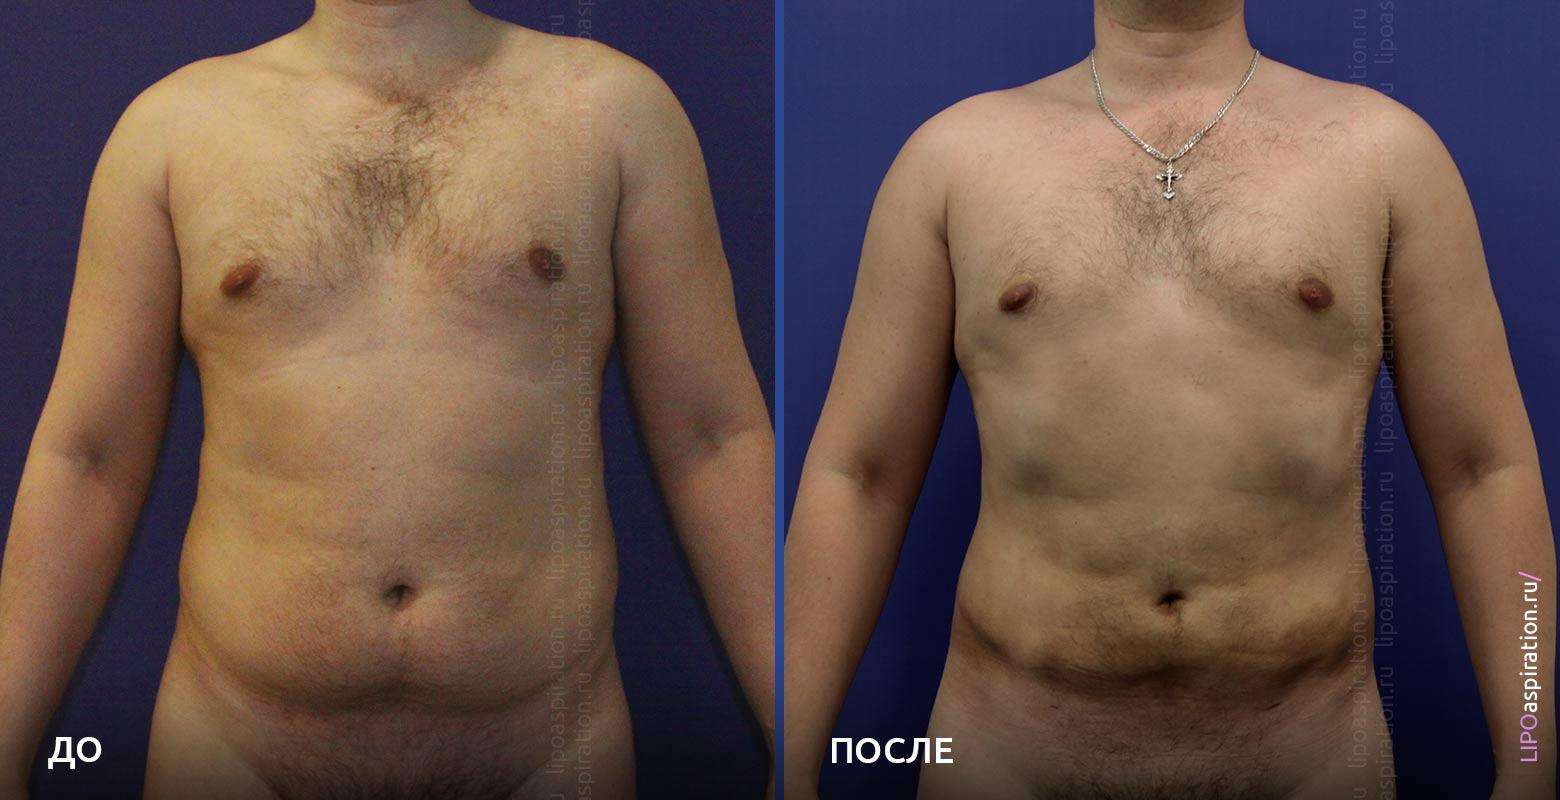 фото: до и после липосации у мужчин